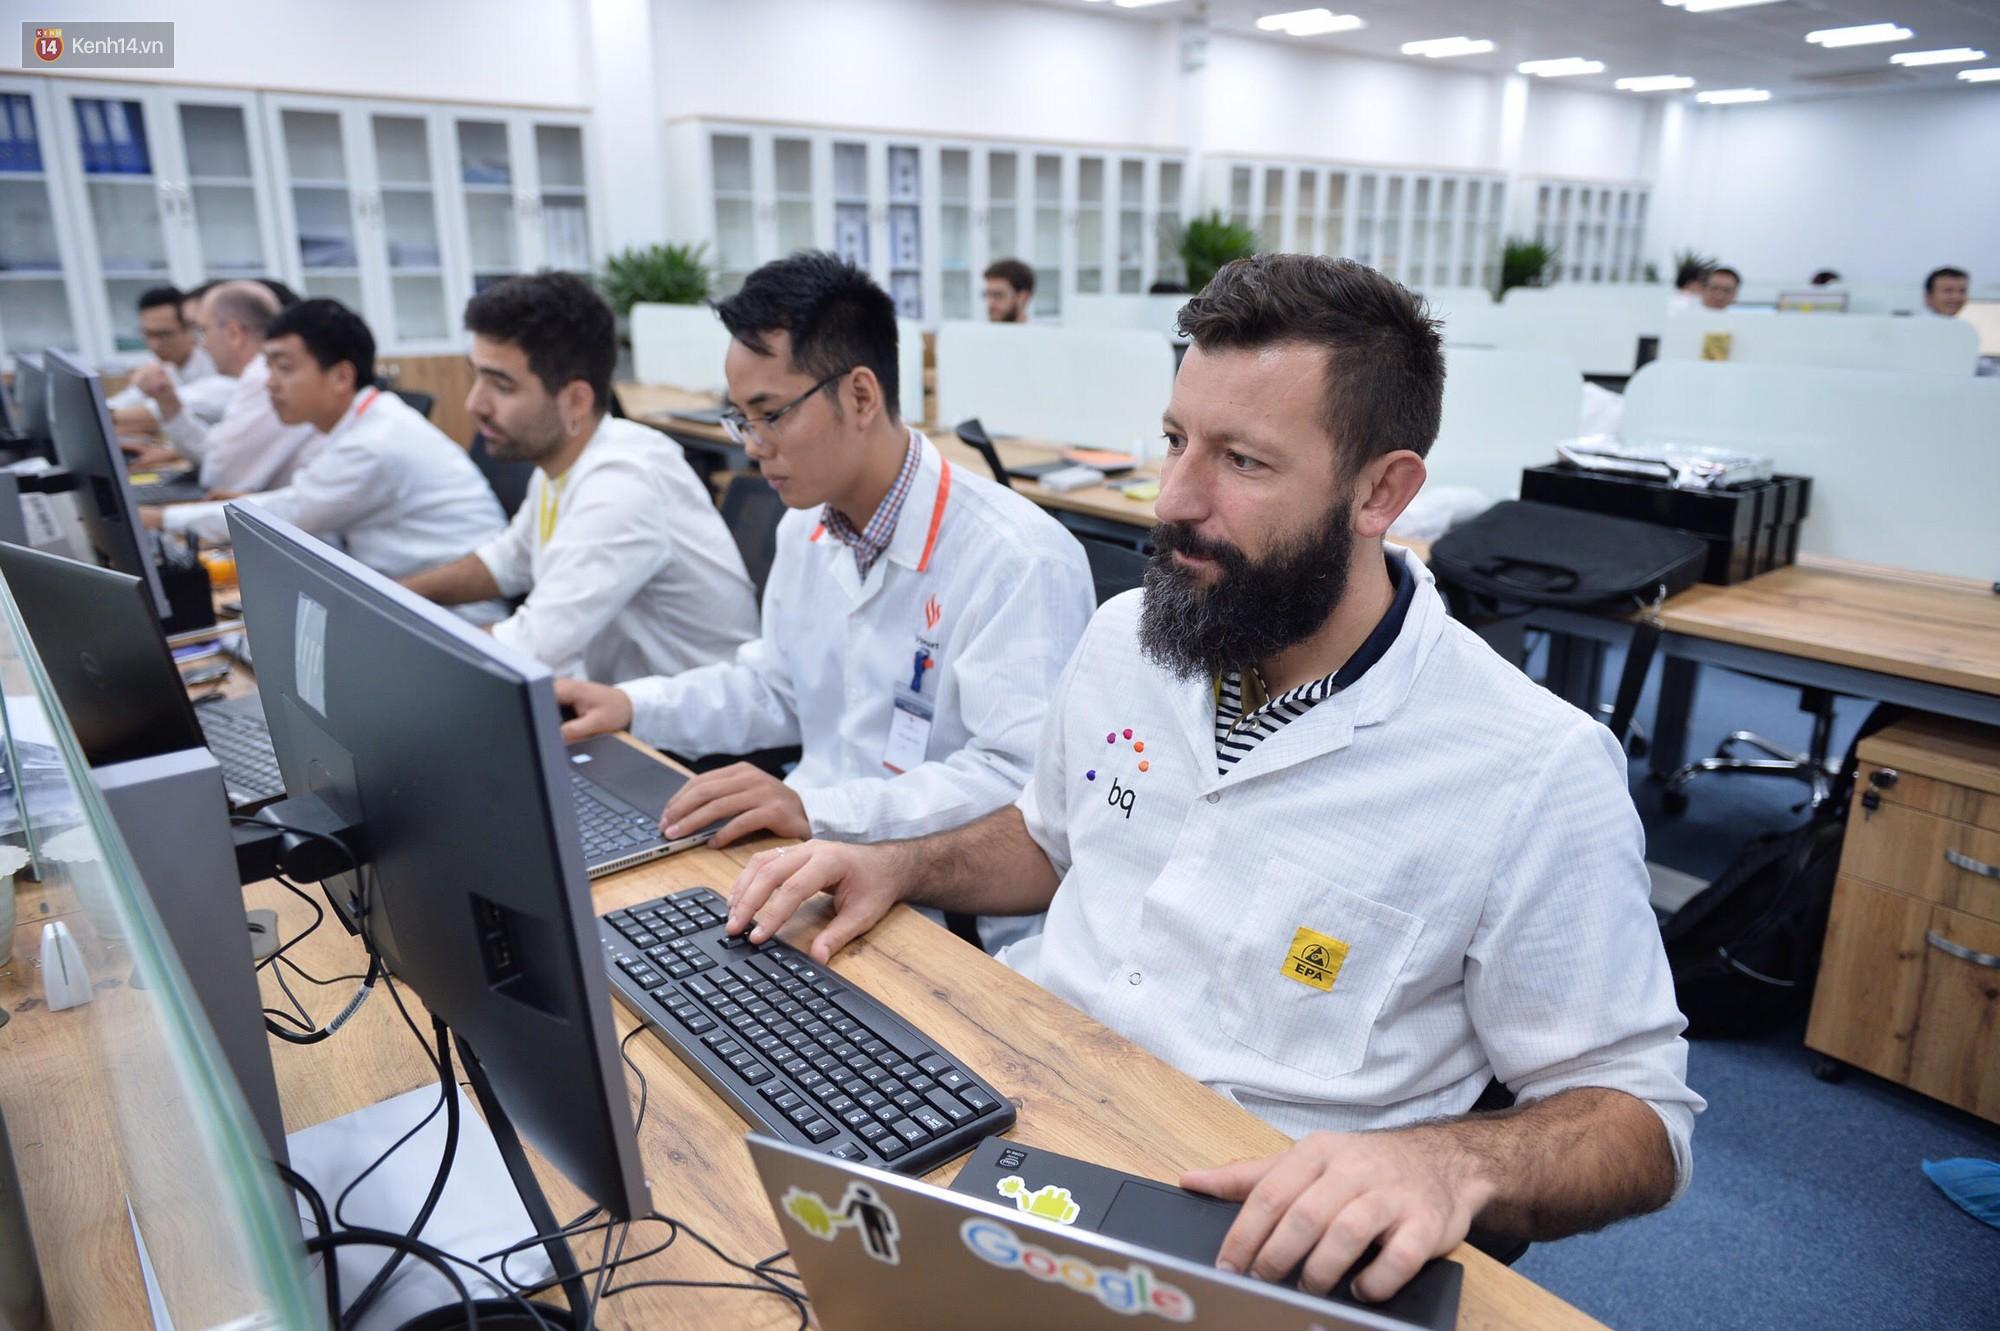 Đến thăm nhà máy sản xuất điện thoại Vsmart của Vingroup: Sang xịn mịn tiêu chuẩn quốc tế thế cơ mà! - Ảnh 11.